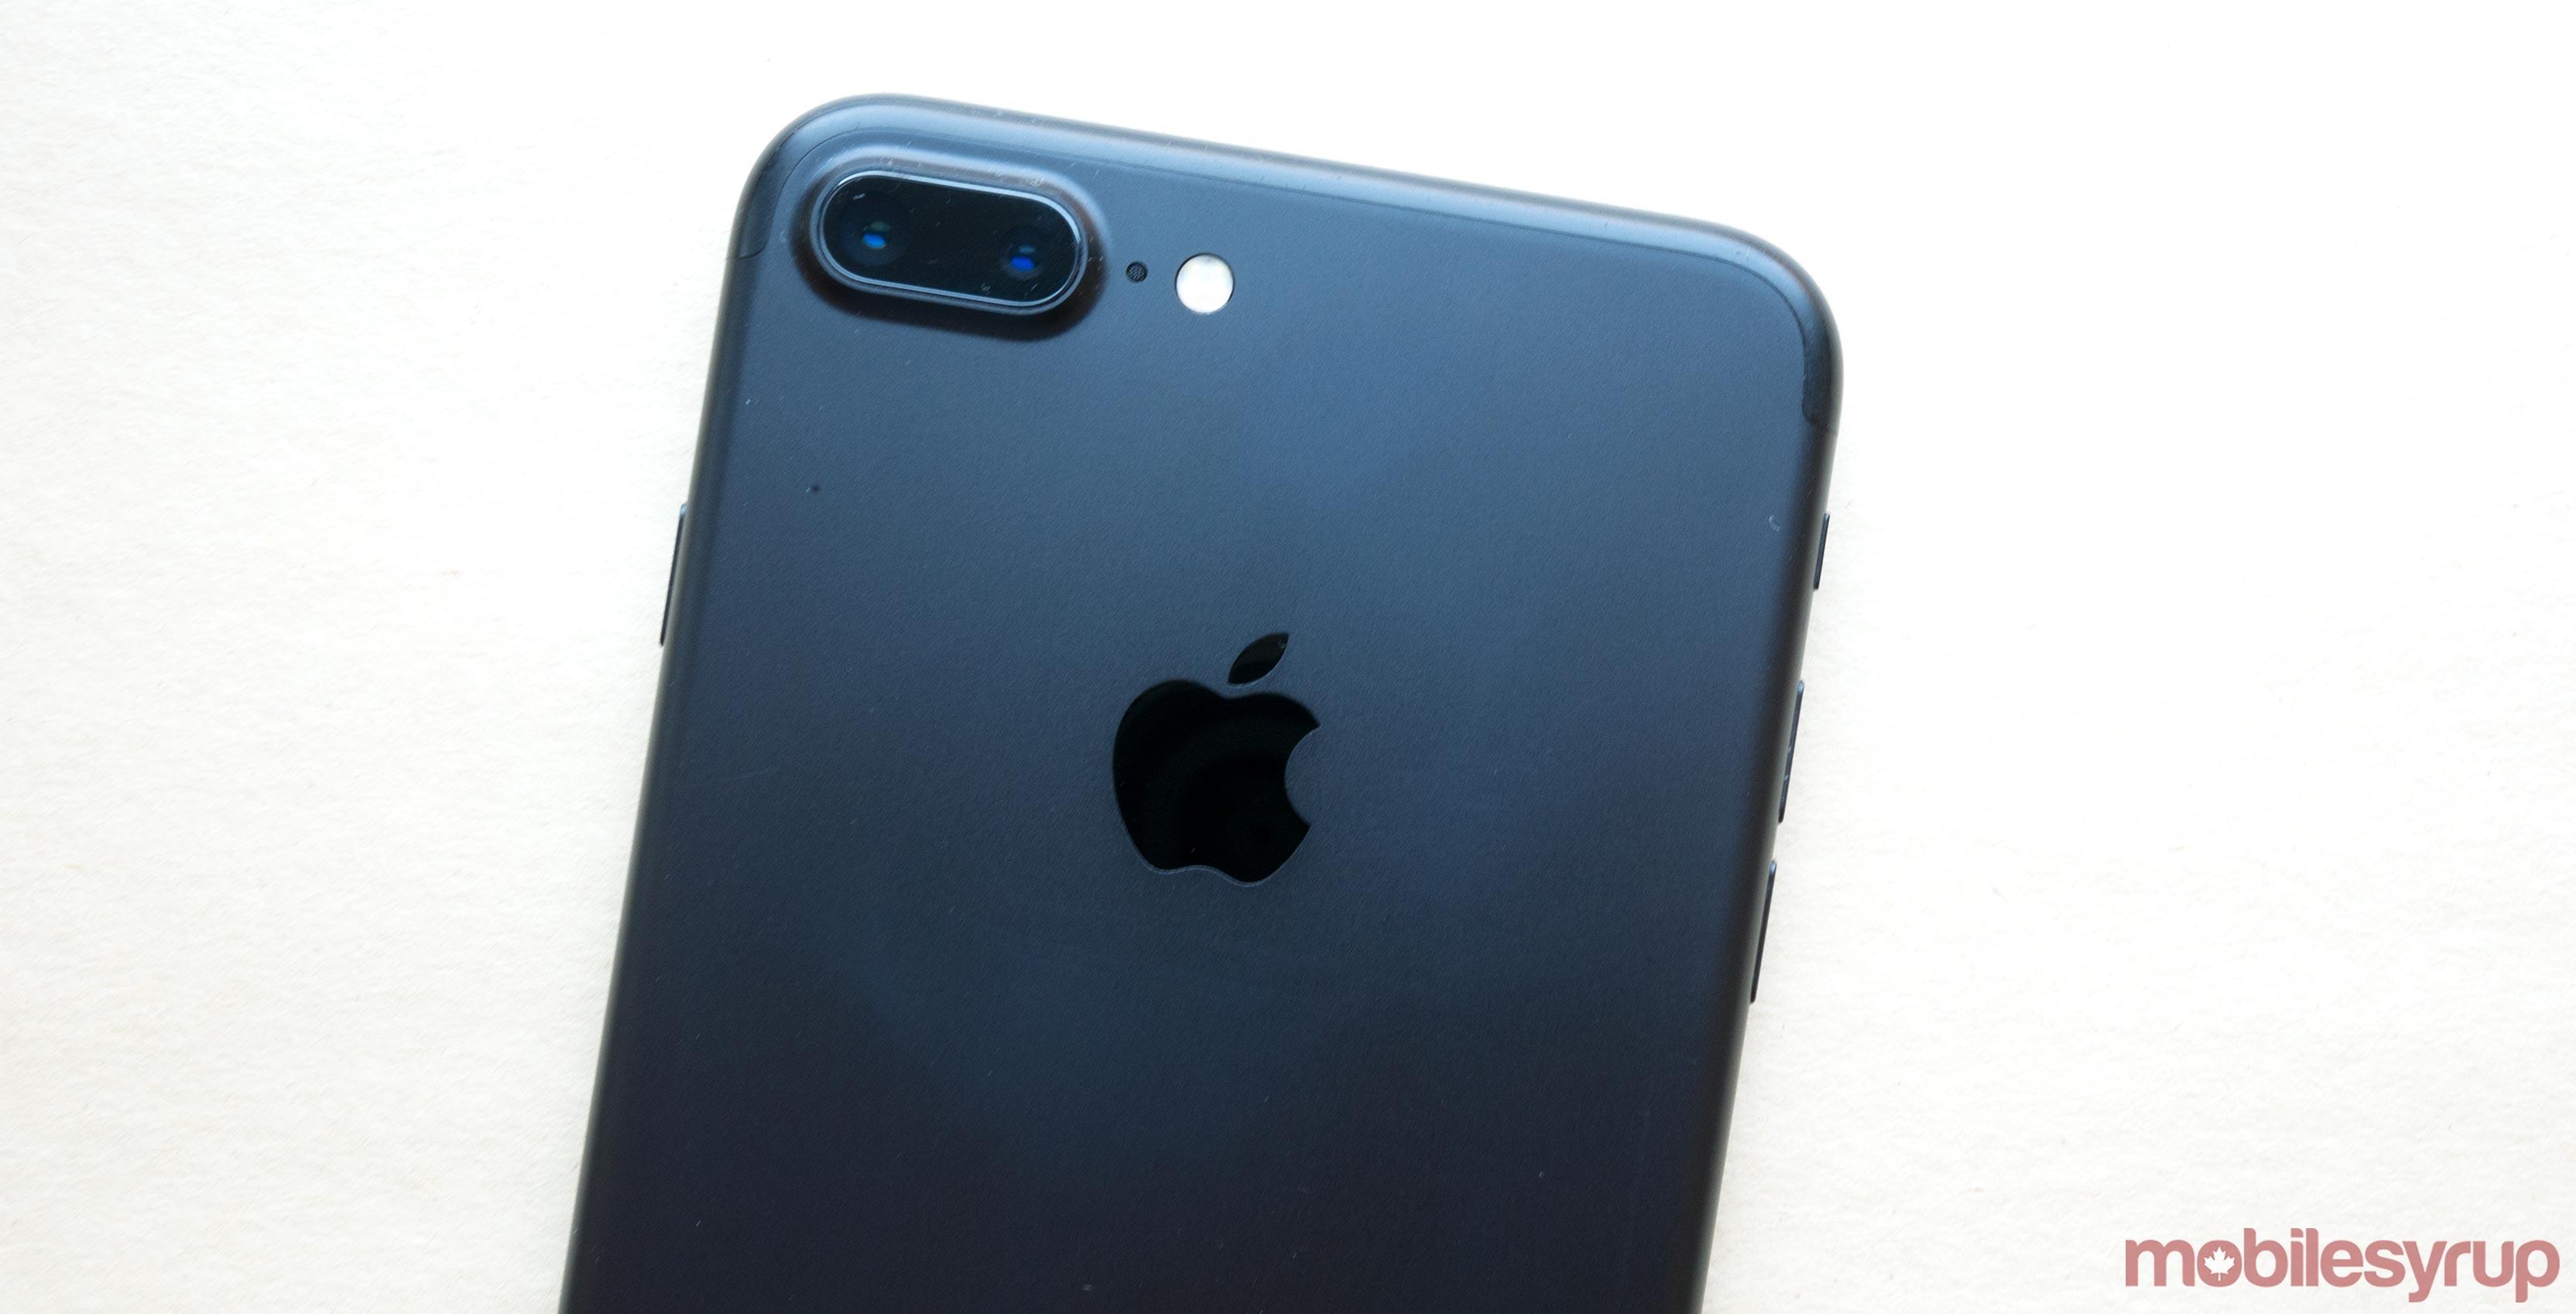 iPhone 7 Plus back